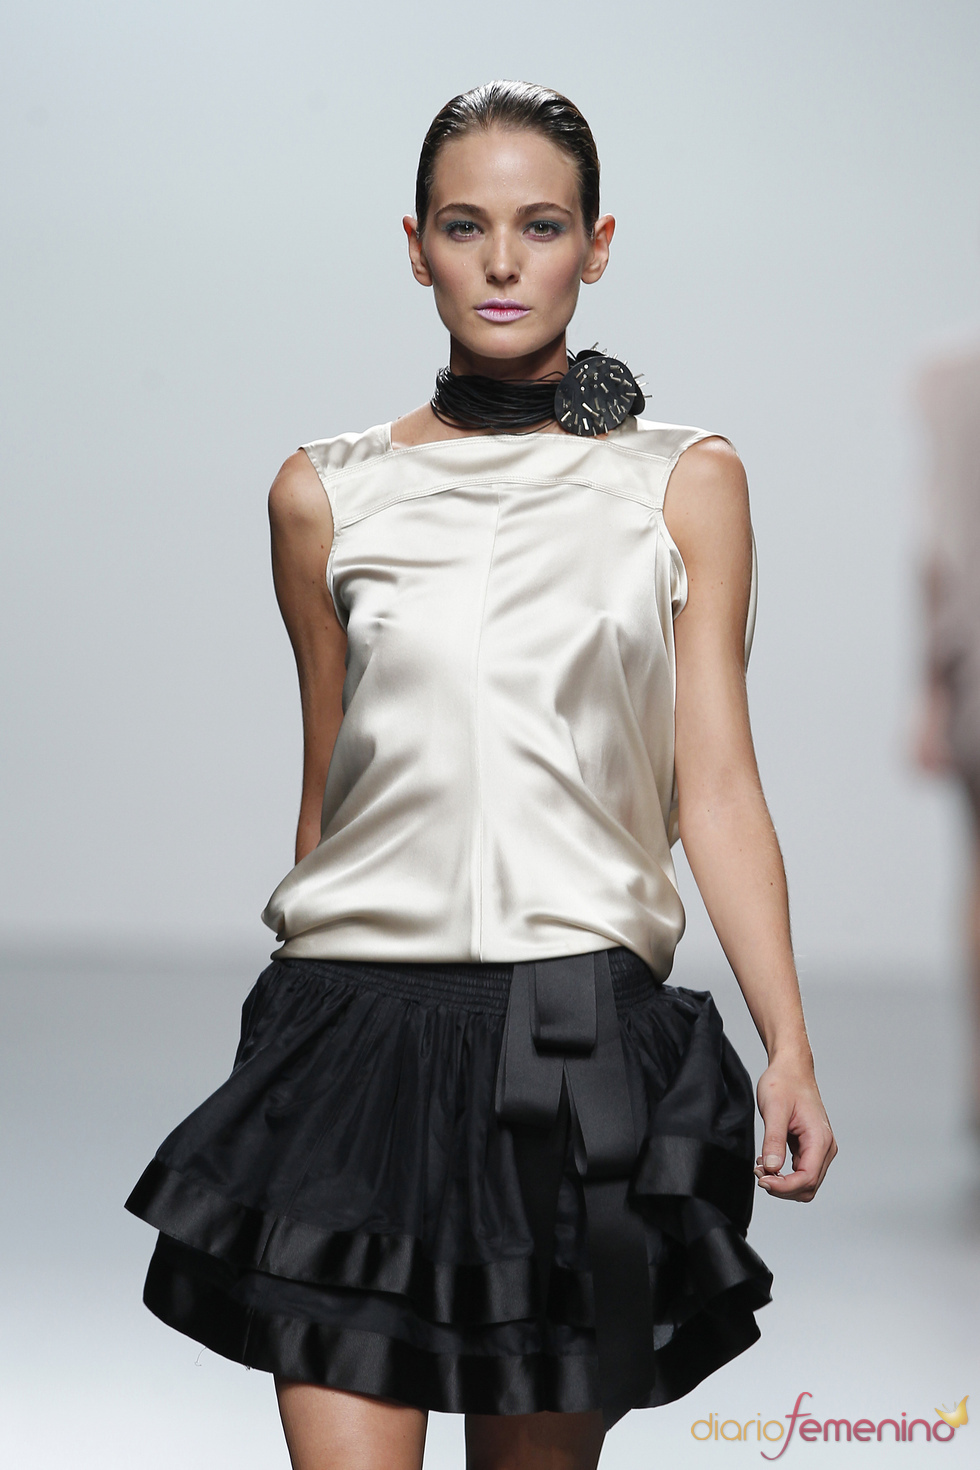 Elegante falda con lazada y camisa de raso para la primavera-verano 2011. Miriam Ocariz